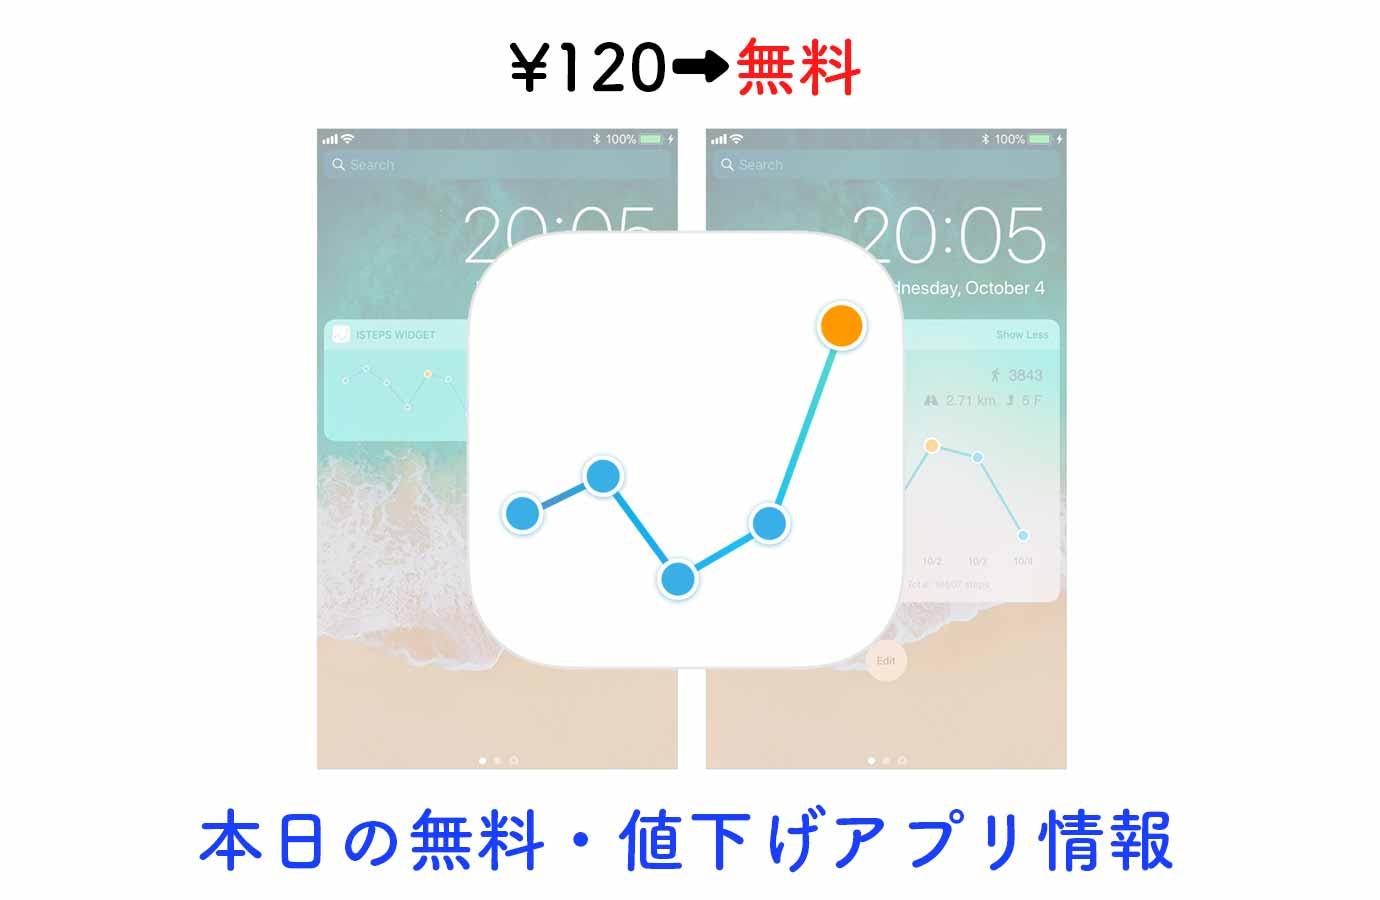 ¥120→無料、歩いた距離・歩数をウィジェットに表示できる「iSteps Widget」など【10/7】本日の無料・値下げアプリ情報